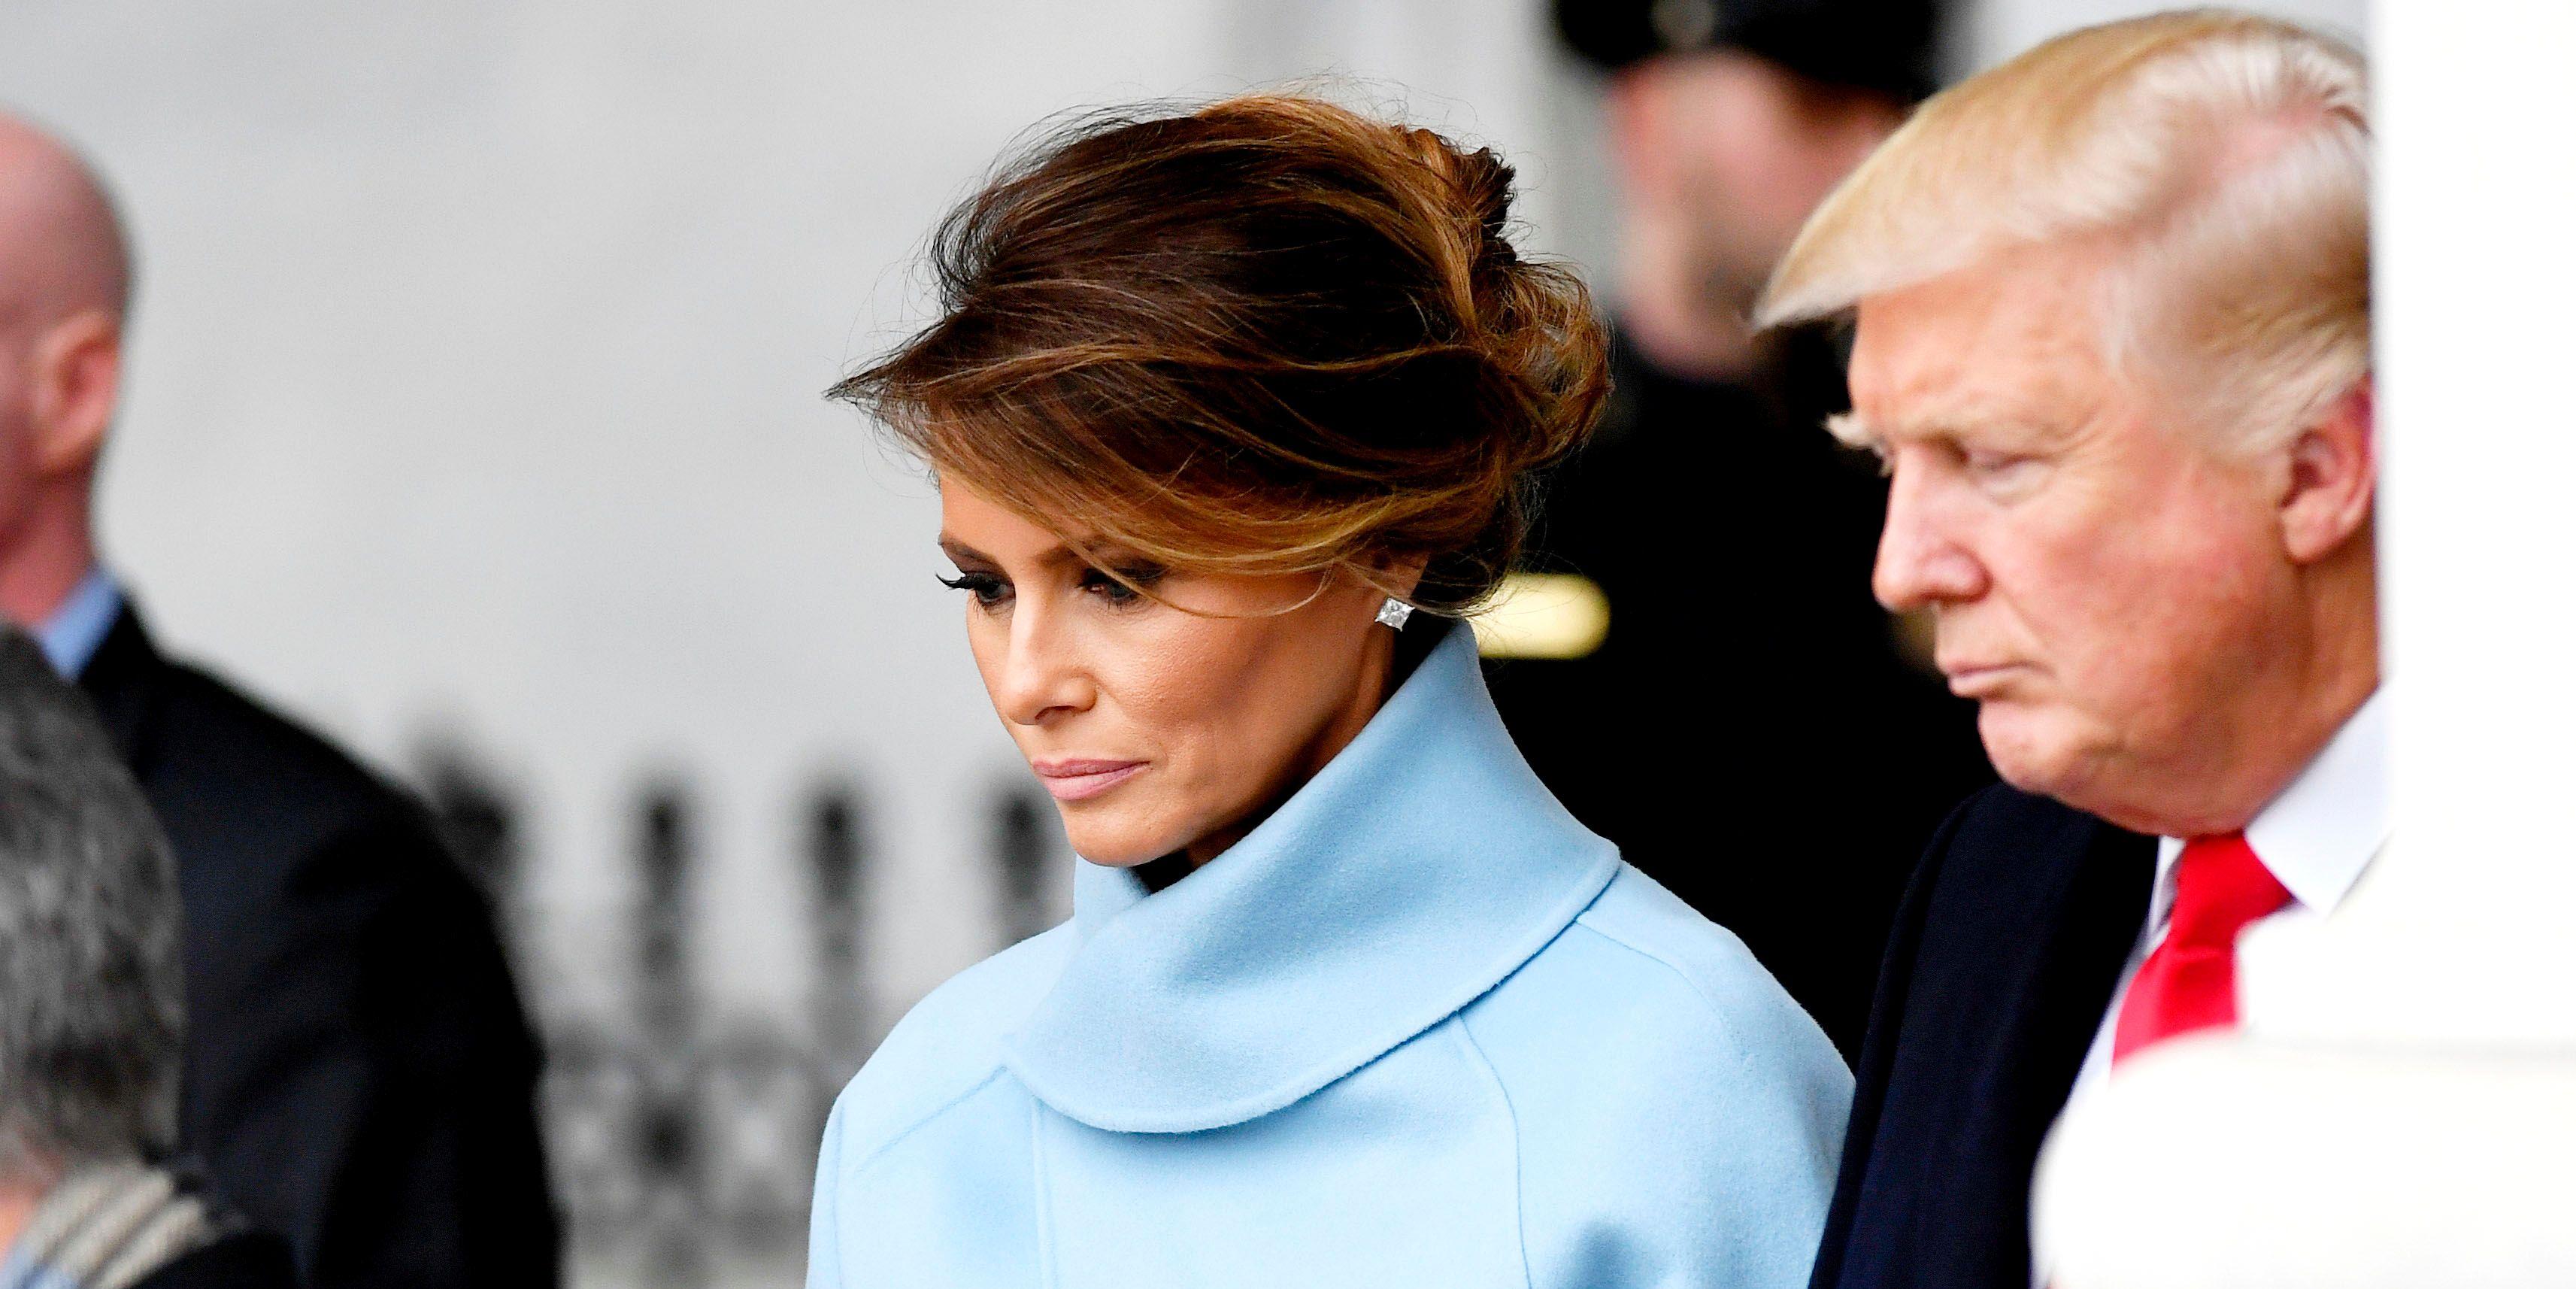 ميلانيا ترامب وخلافاتها مع الرئيس تثير الكثير من الجدل داخل واشنطن